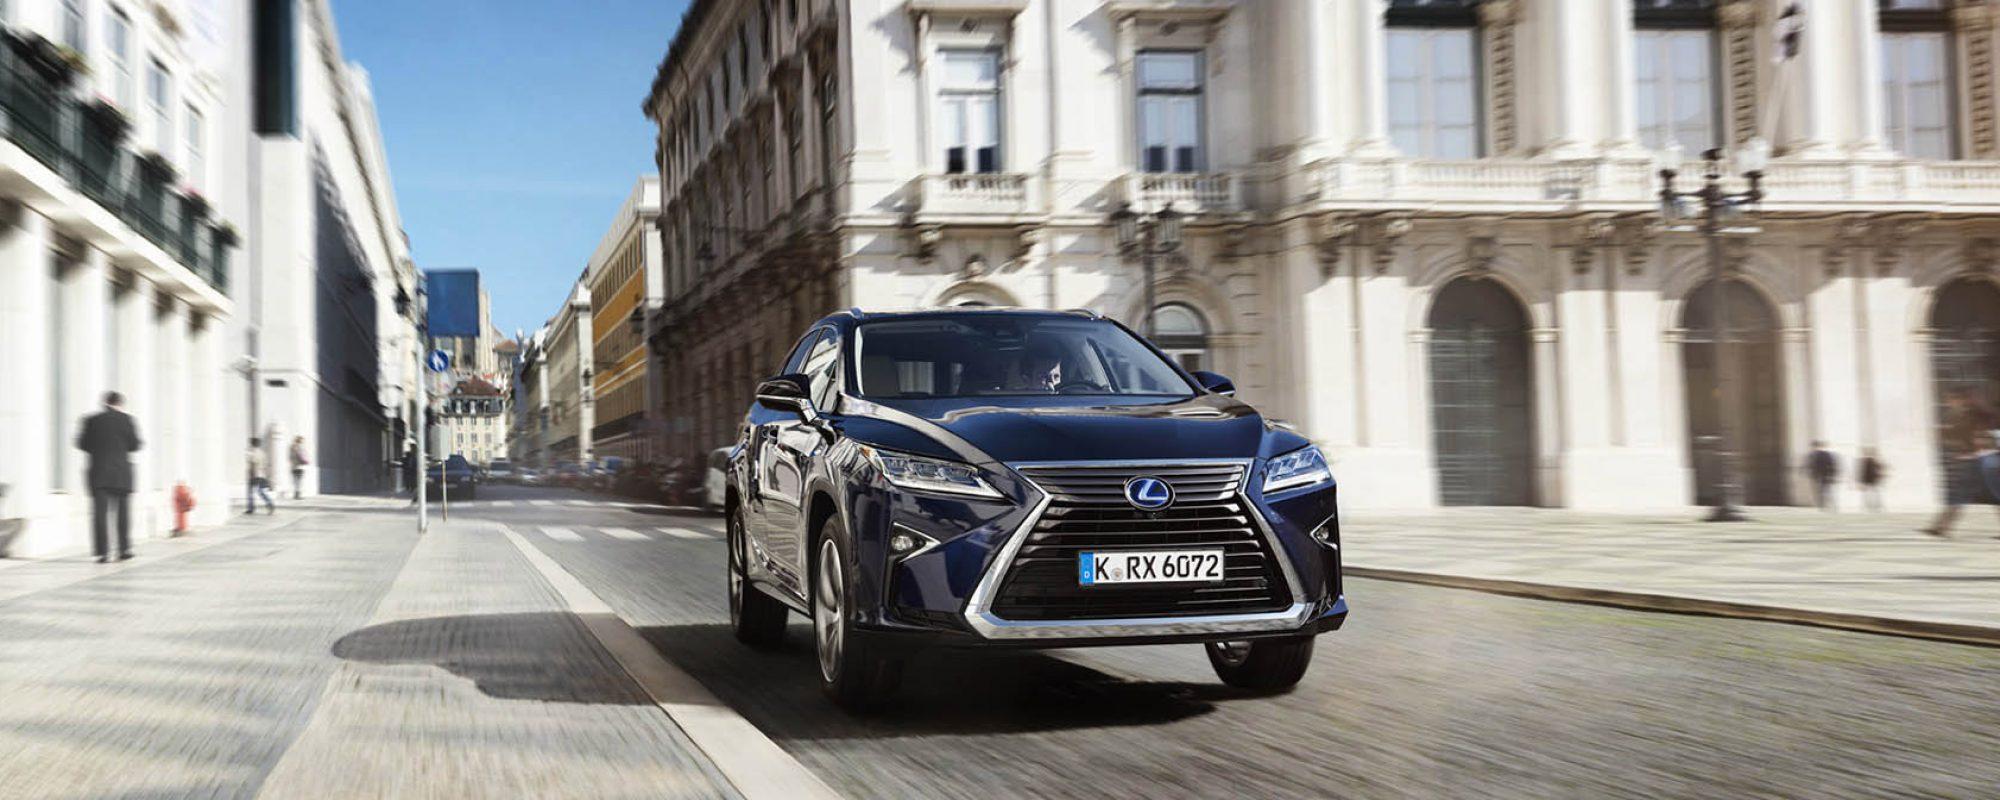 Lexus heeft derde jaar op rij de meest tevreden eigenaren